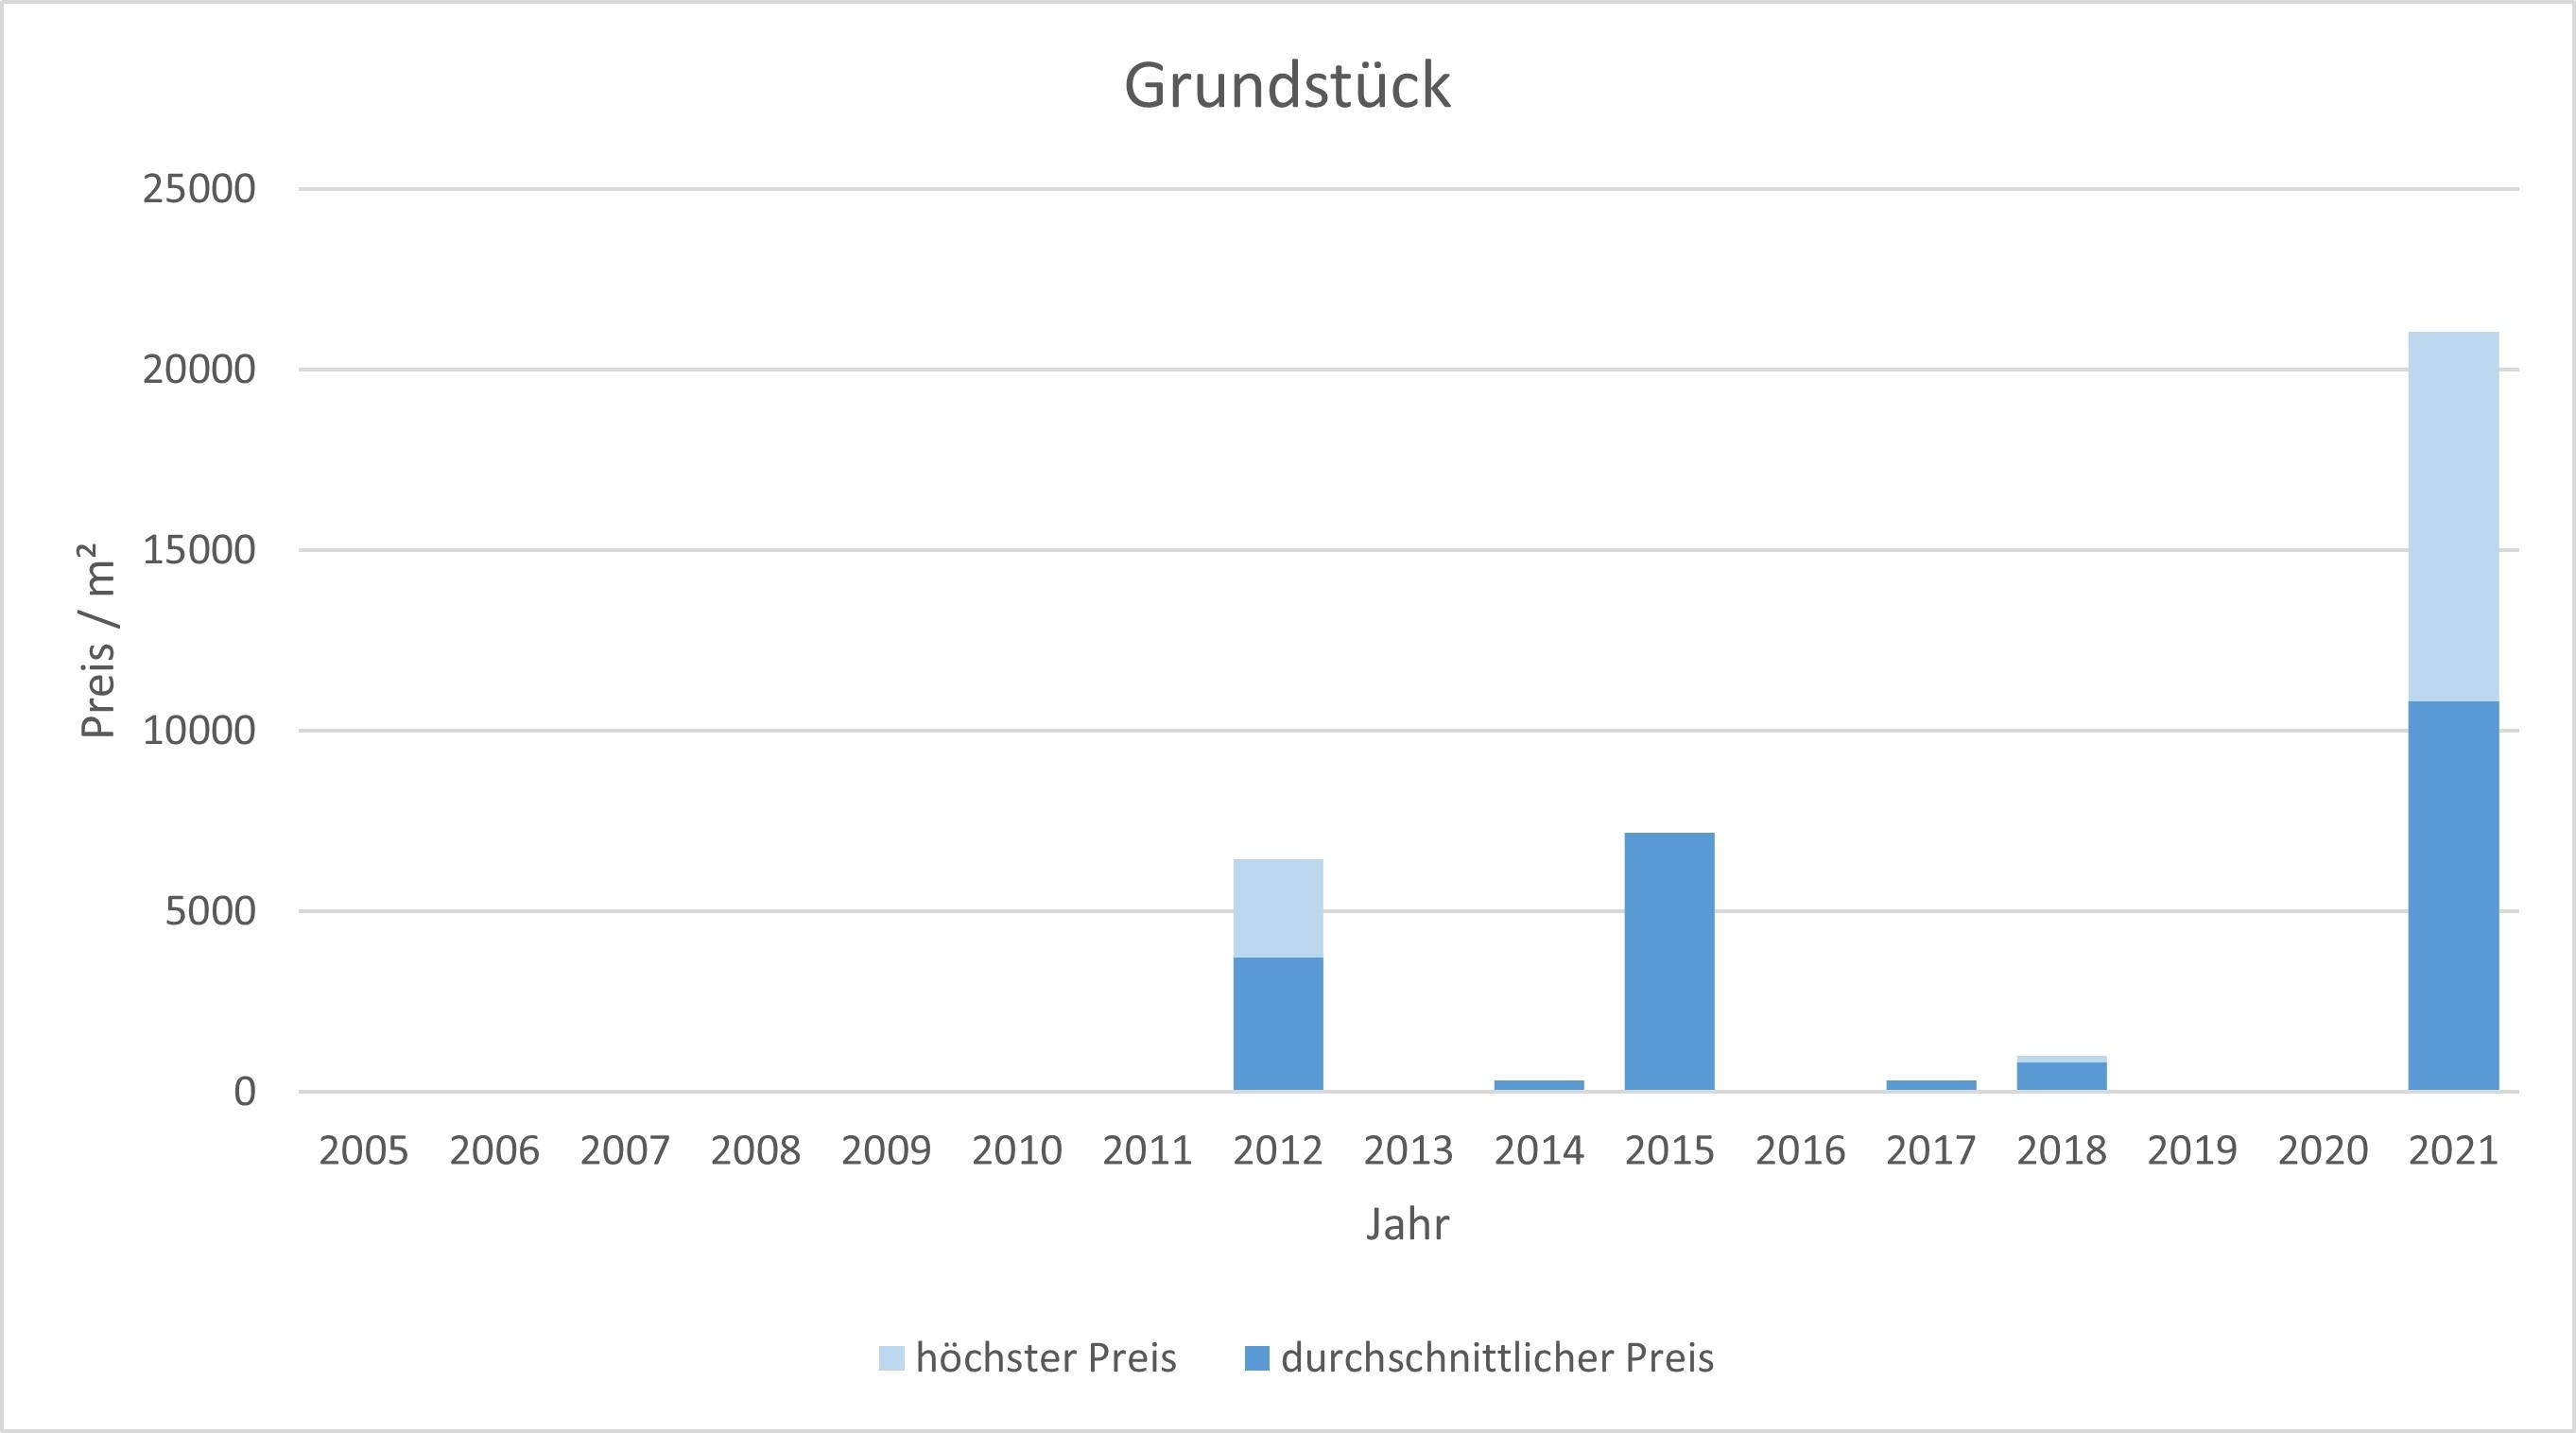 München - Au - Mariahilfplatz Grundstück kaufen verkaufen Preis Bewertung Makler 2019 2020 2021 www.happy-immo.de